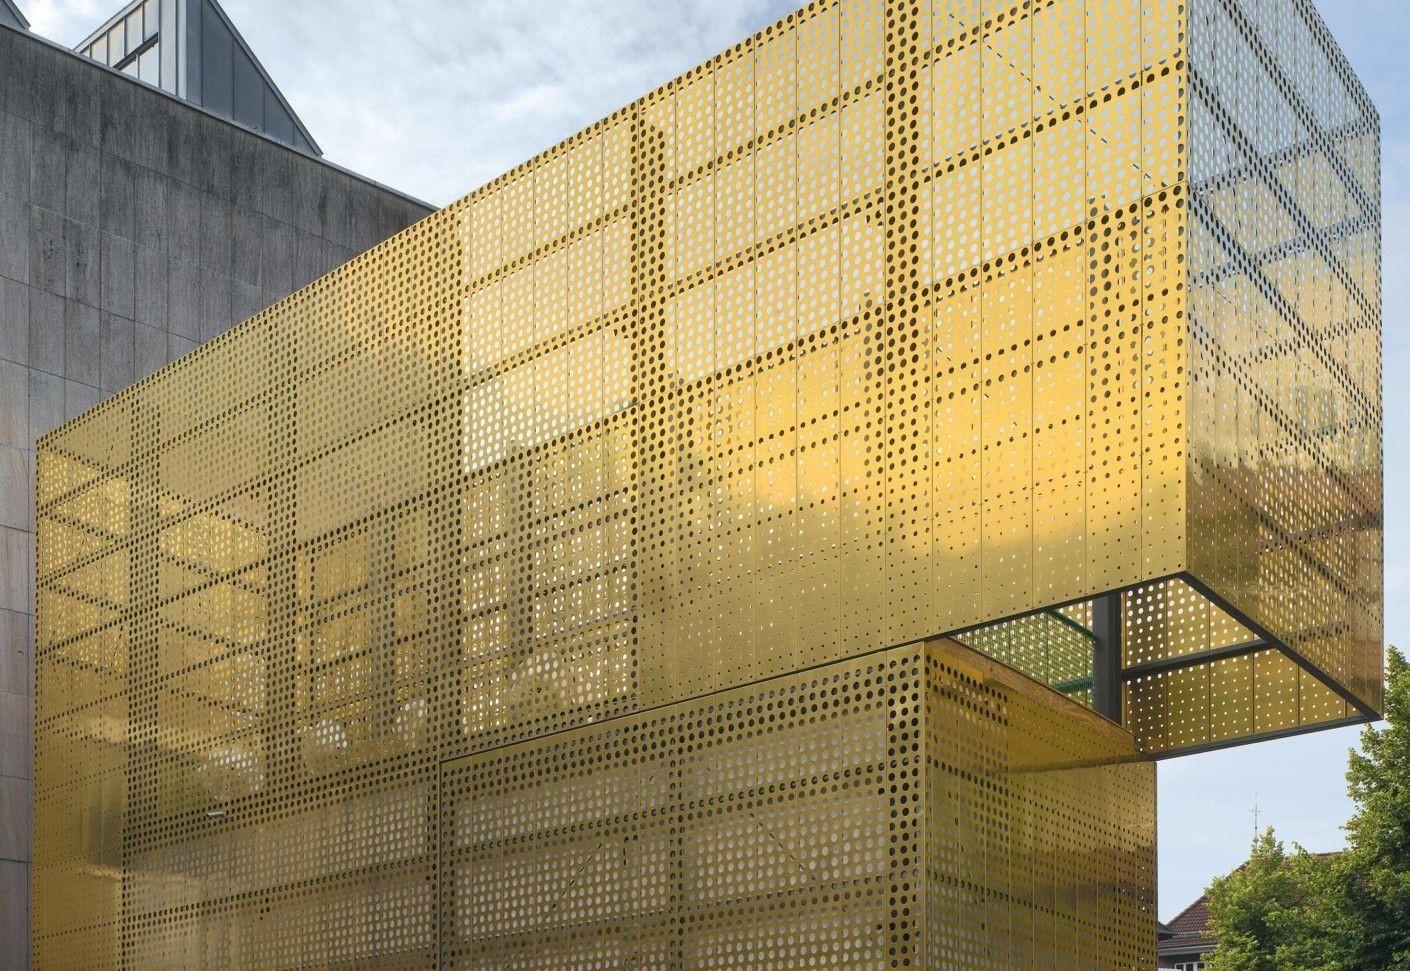 پانچ متال نمای متفاوت ساختمان شما